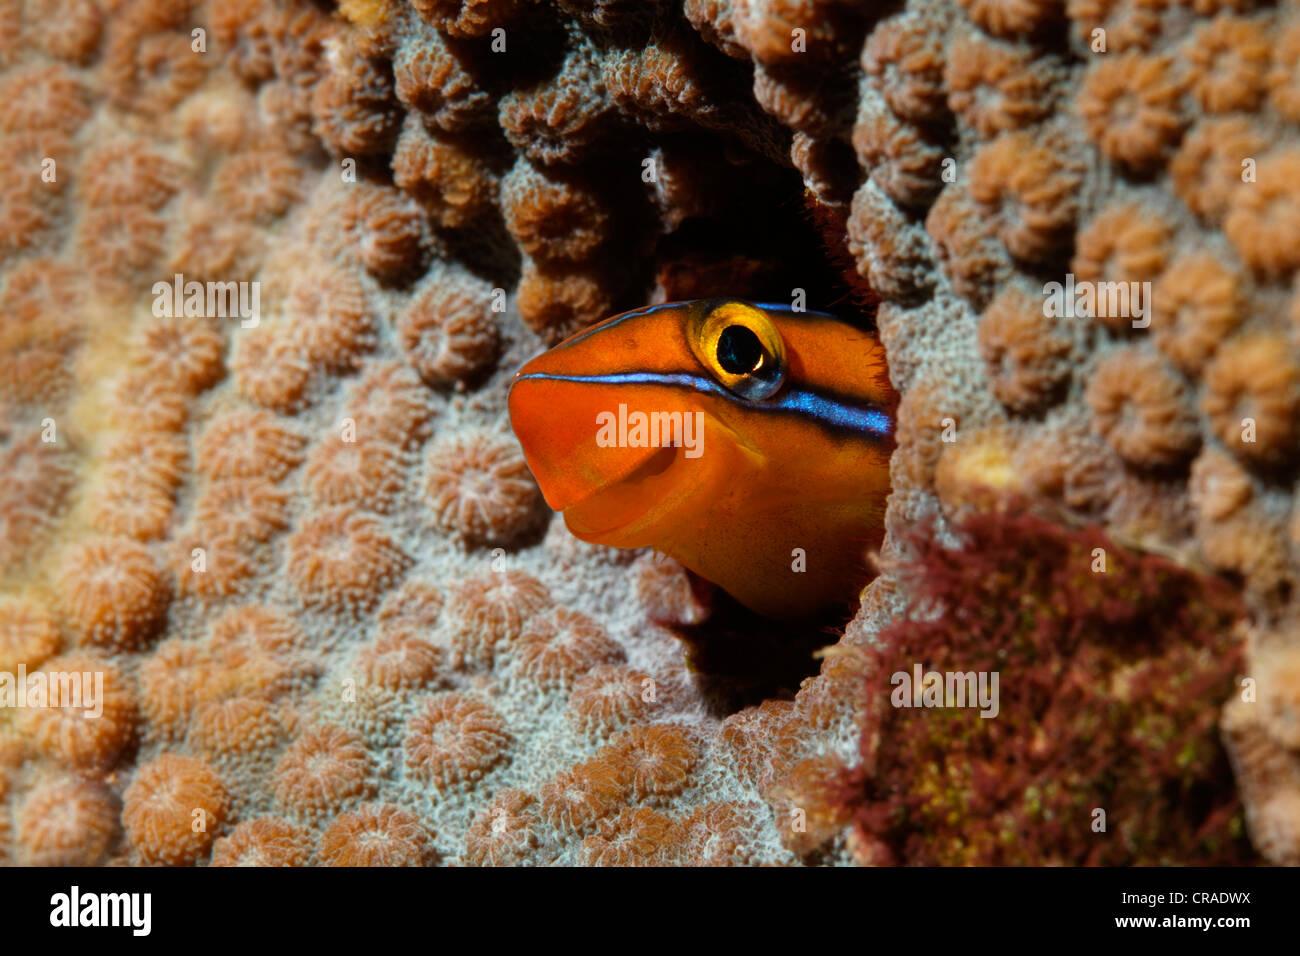 Imitar blênio ou Piano fangblenny (Plagiotremus tapeinosoma) procurando fora de casa em coral, Reino Hachemita Imagens de Stock